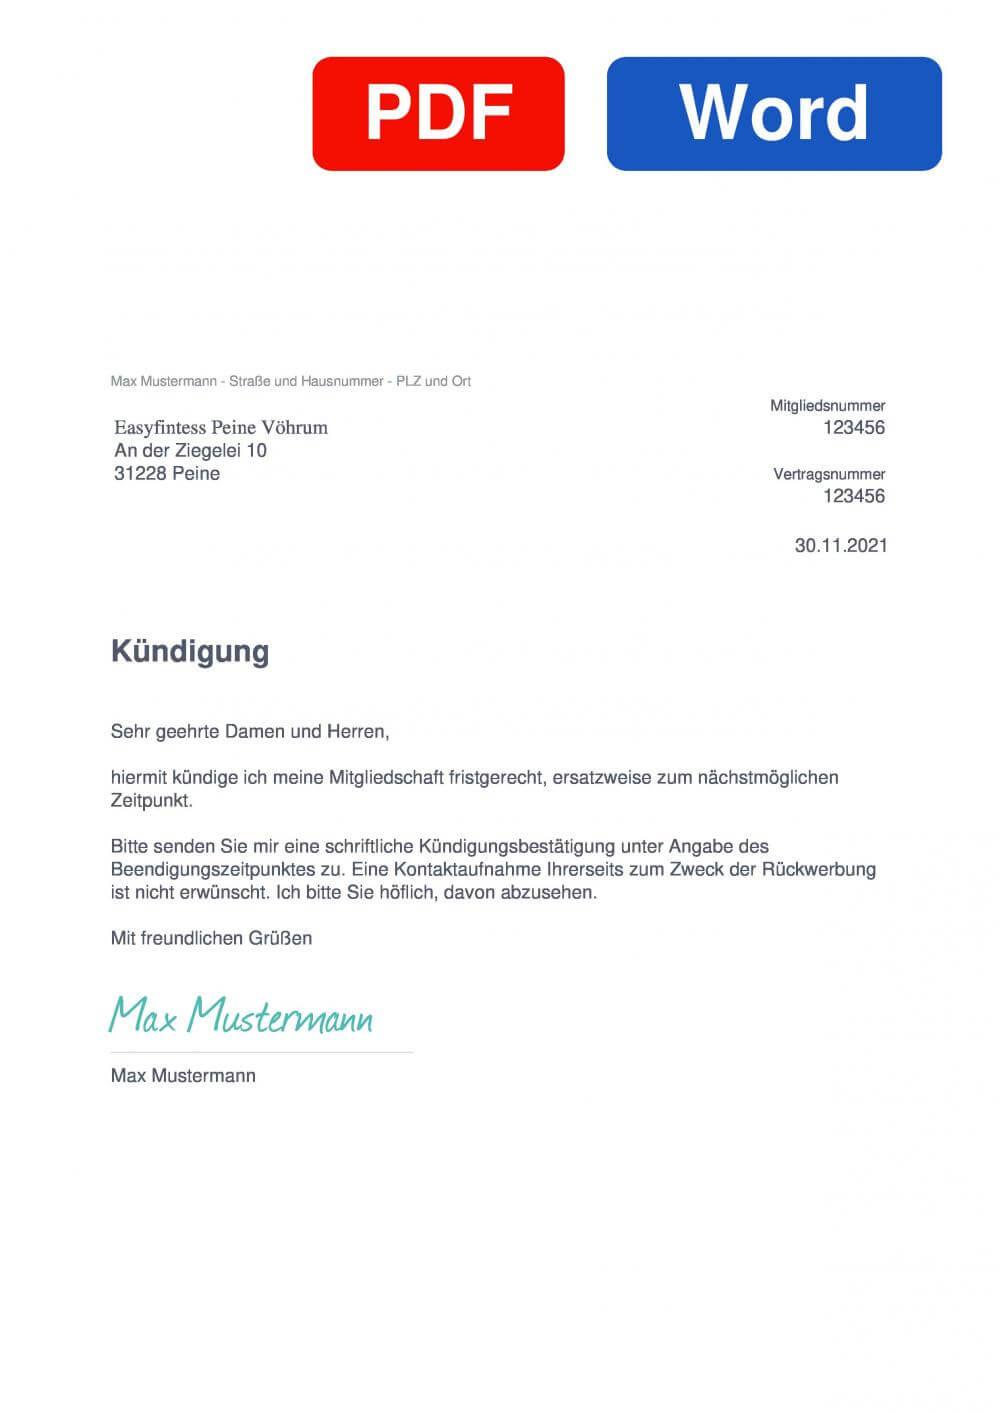 EASYFITNESS Vöhrum Muster Vorlage für Kündigungsschreiben